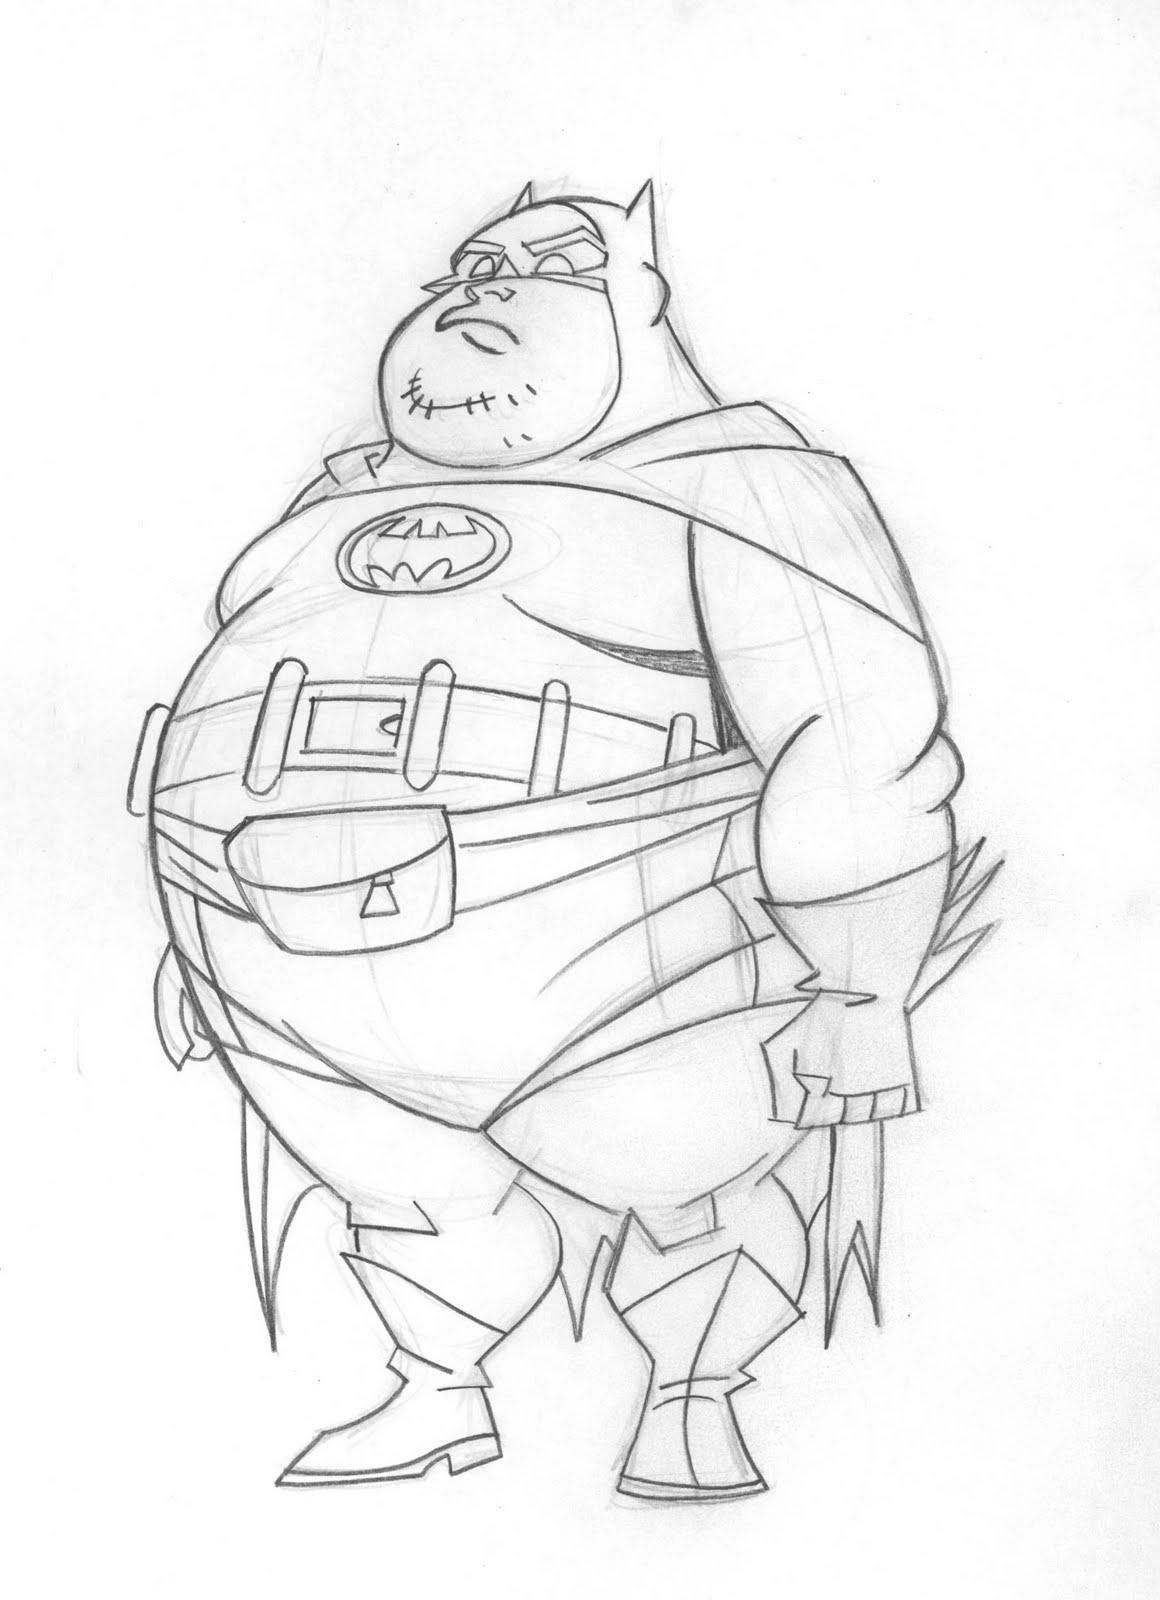 1160x1600 Batman Drawings In Pencil Batman Drawings In Pencil Easy Batman